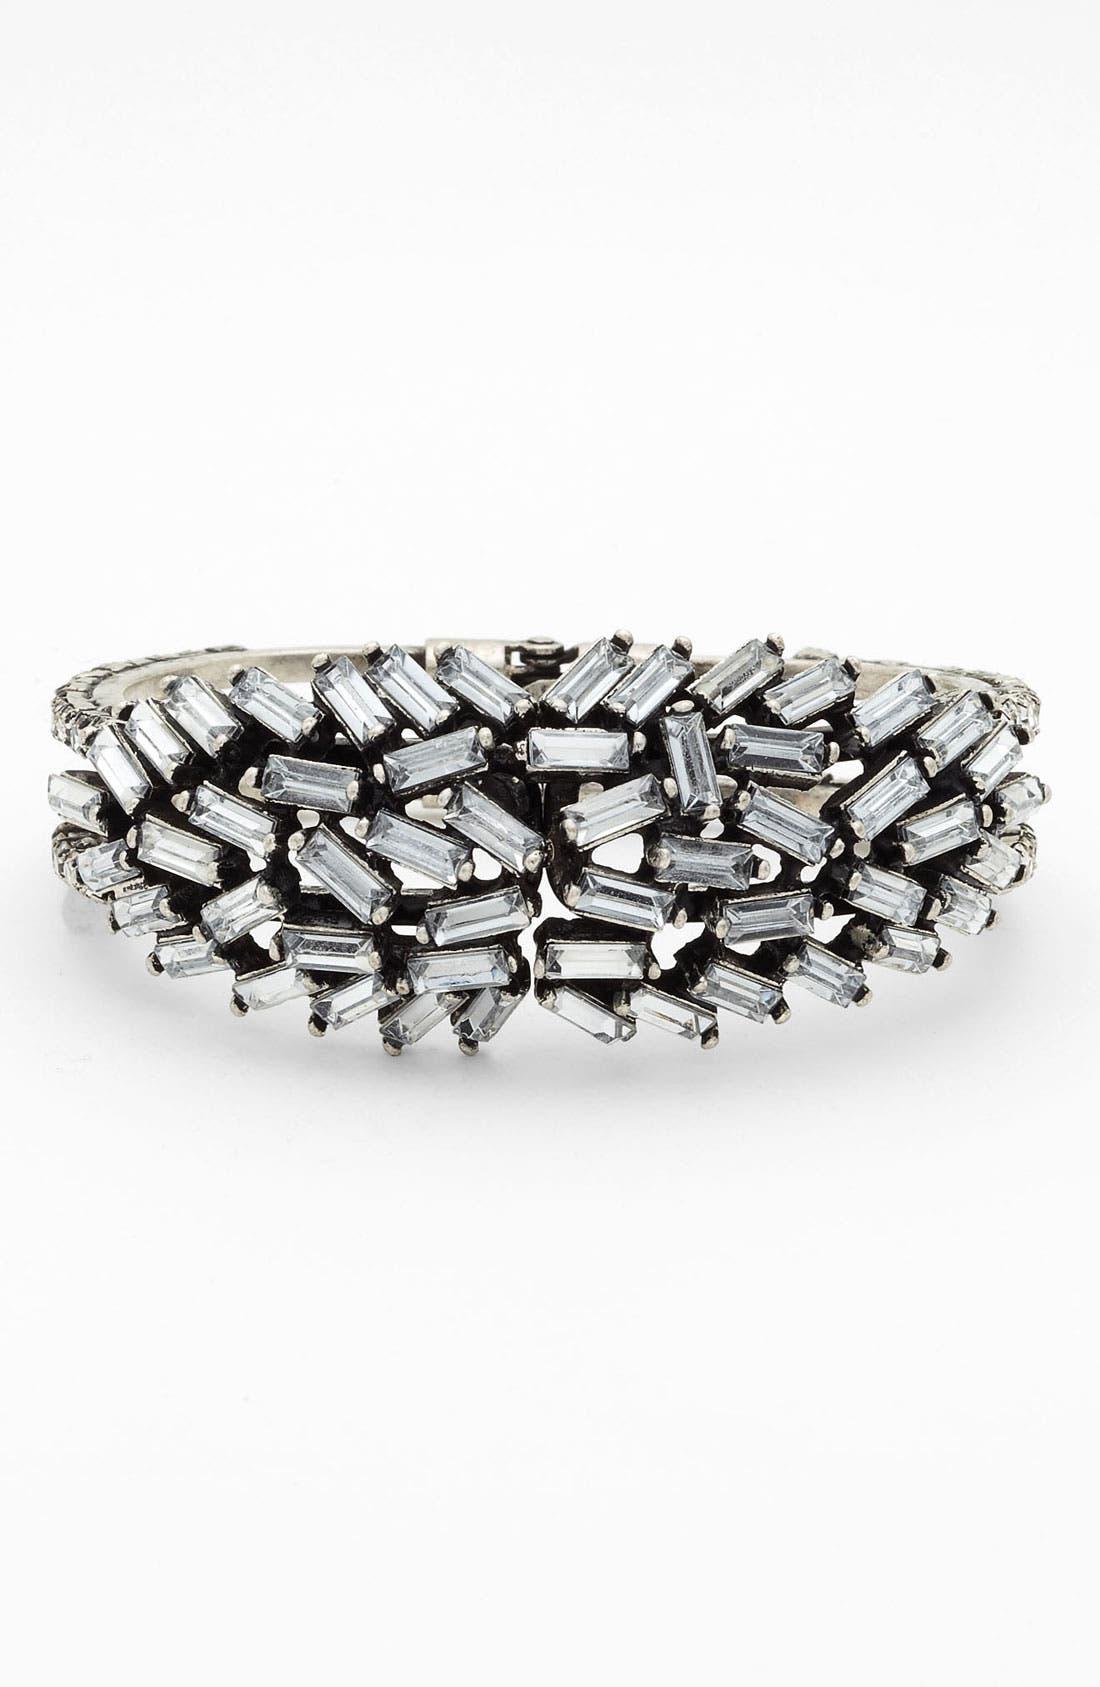 Alternate Image 1 Selected - BP. Vintage Rhinestone Cuff Bracelet